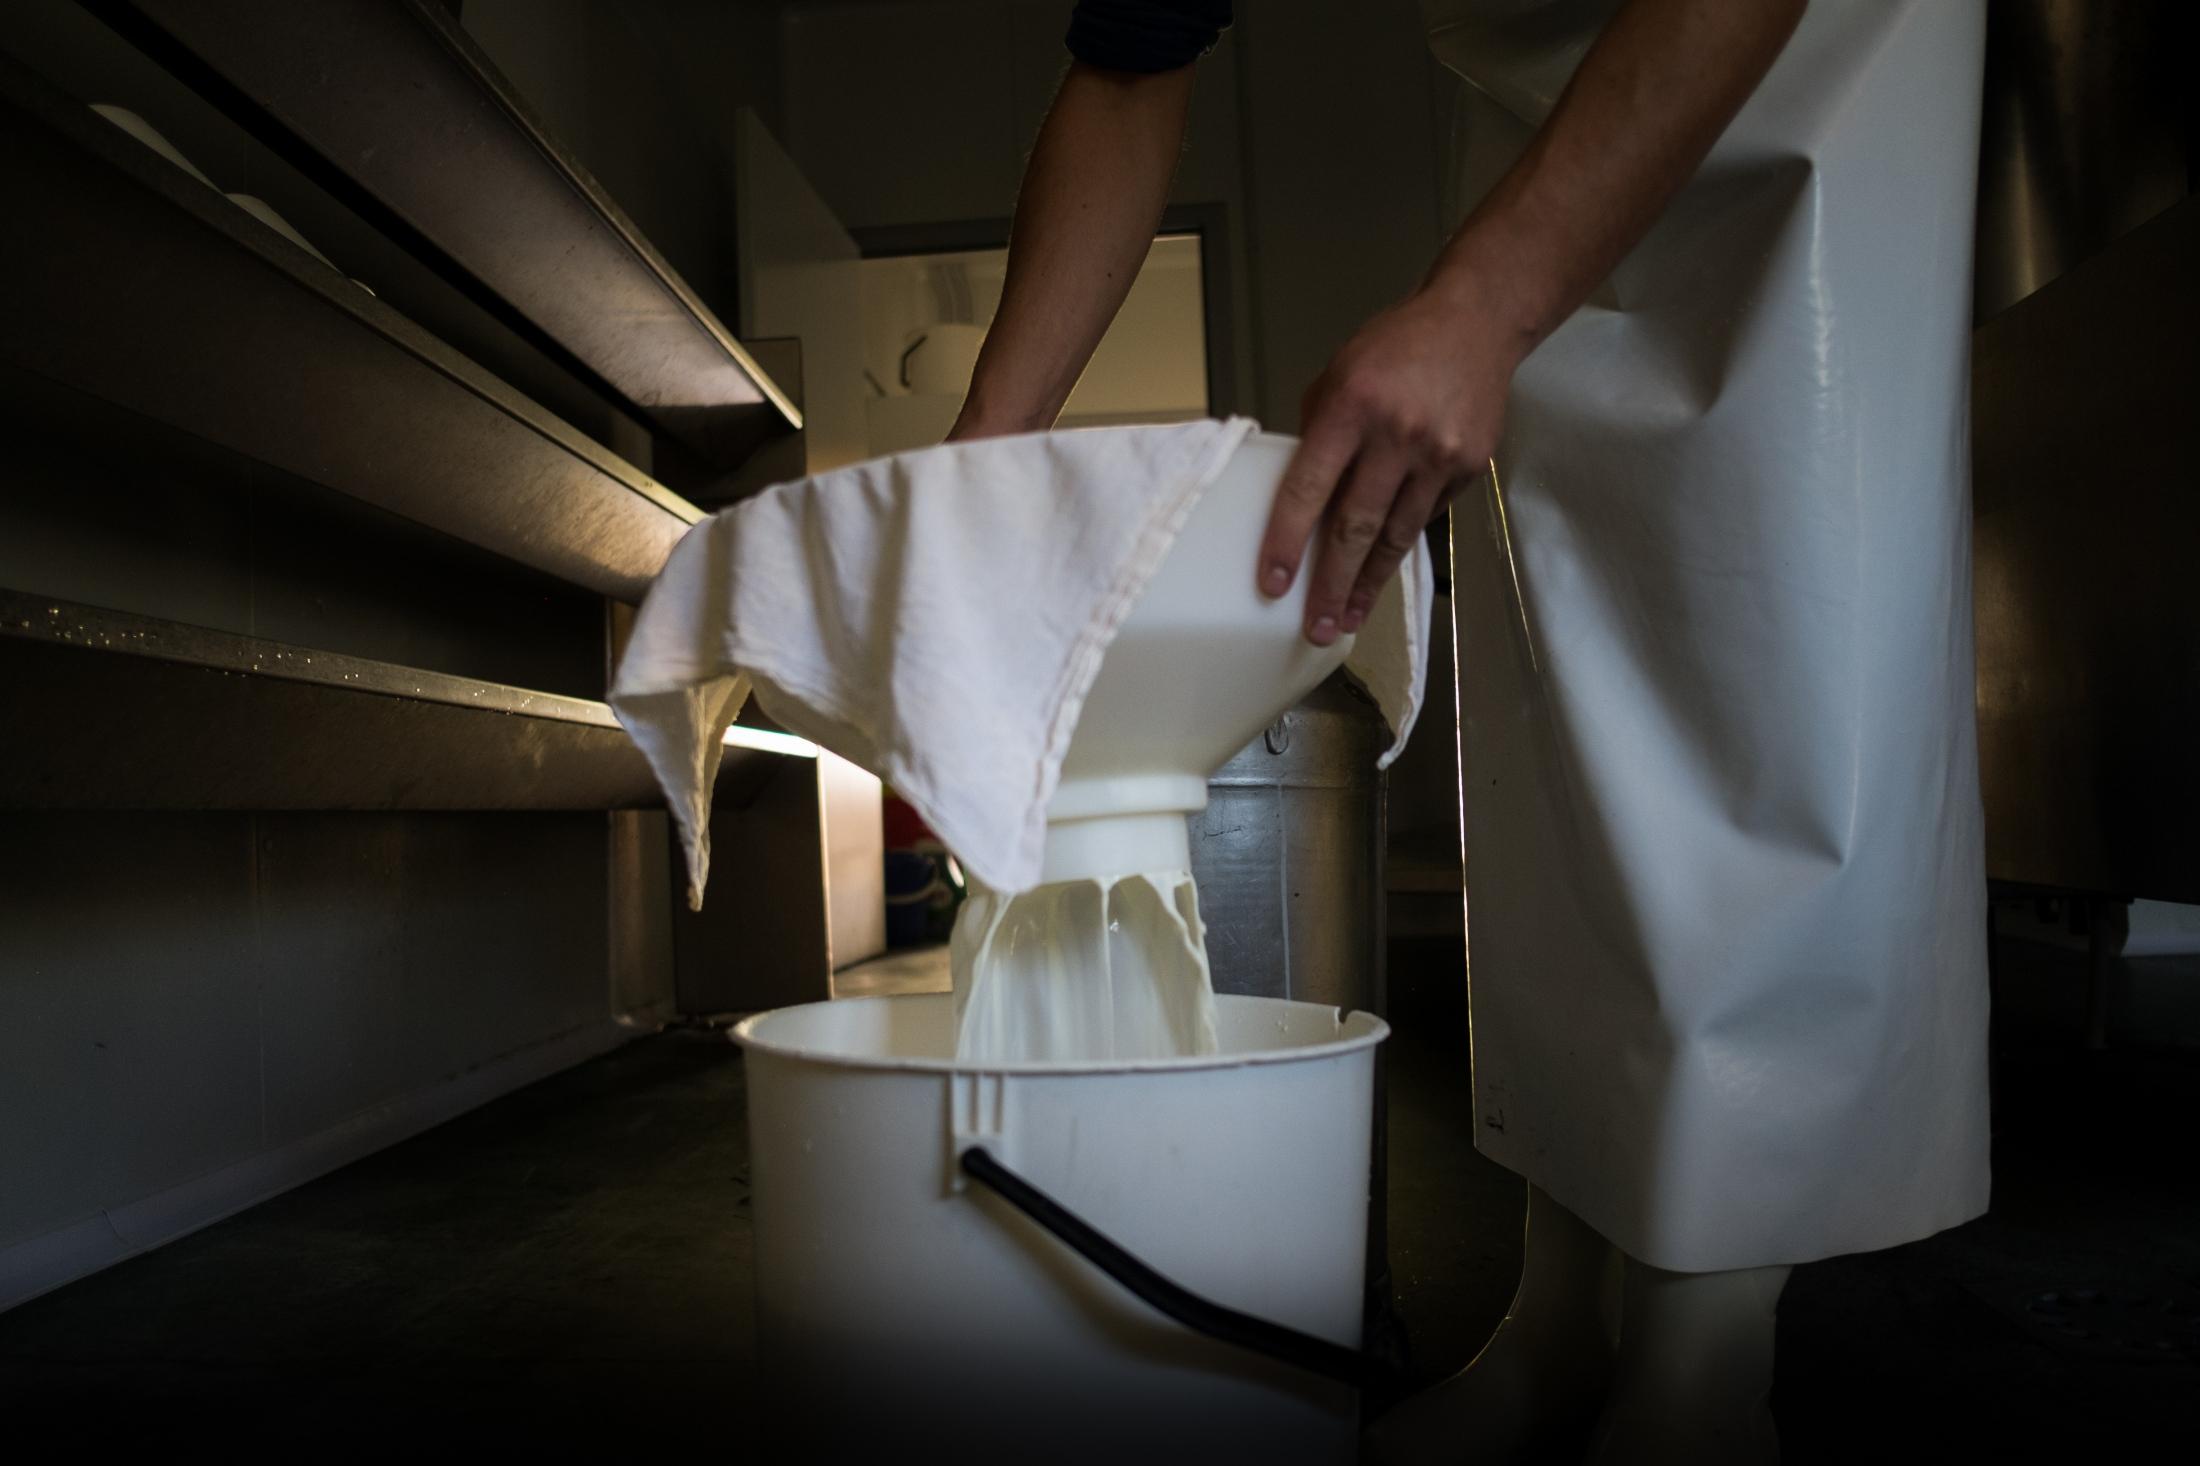 Filtering milk.